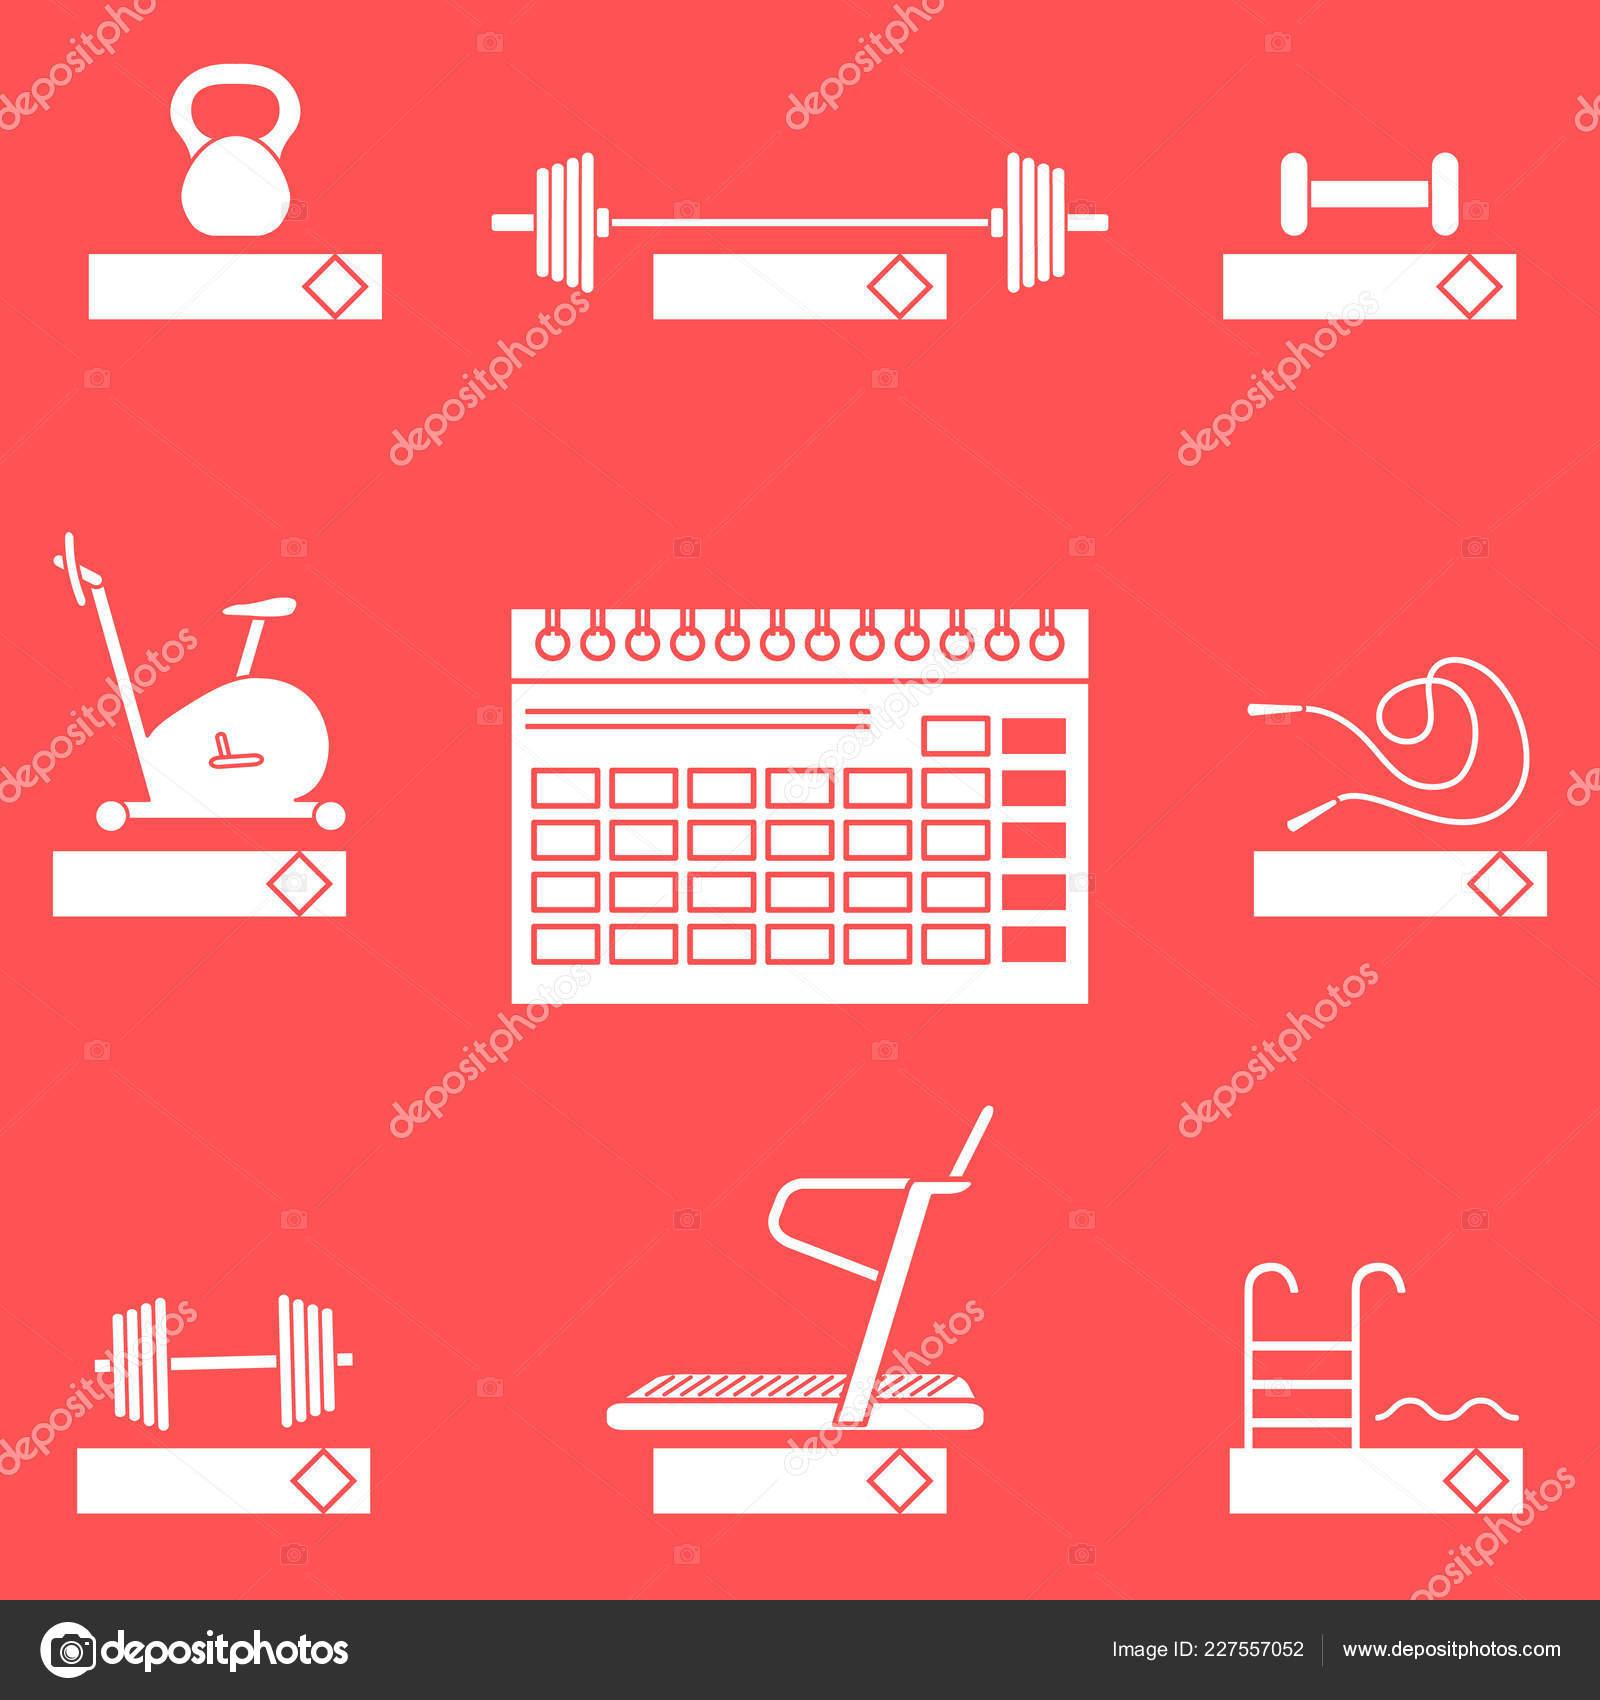 Calendario Fitness 2019.Tiempo Acondicionamiento Fisico 2019 Concepto Fitness Con